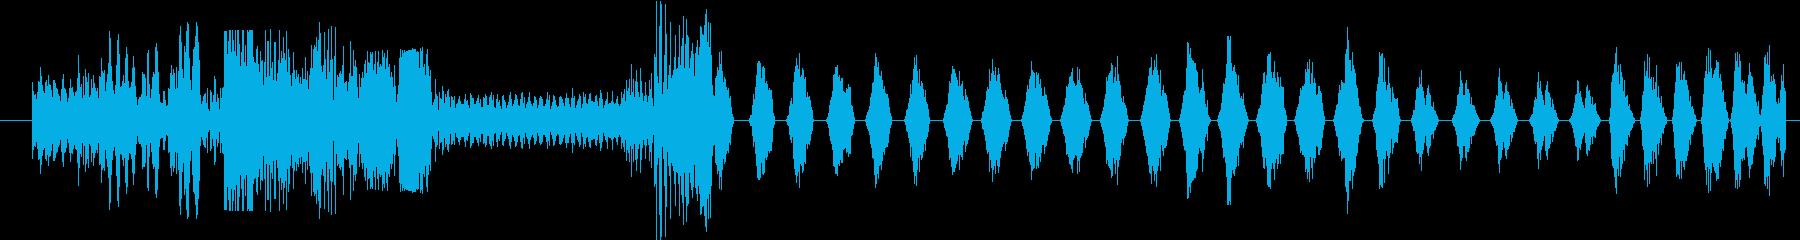 イメージ クレイジートーク08の再生済みの波形